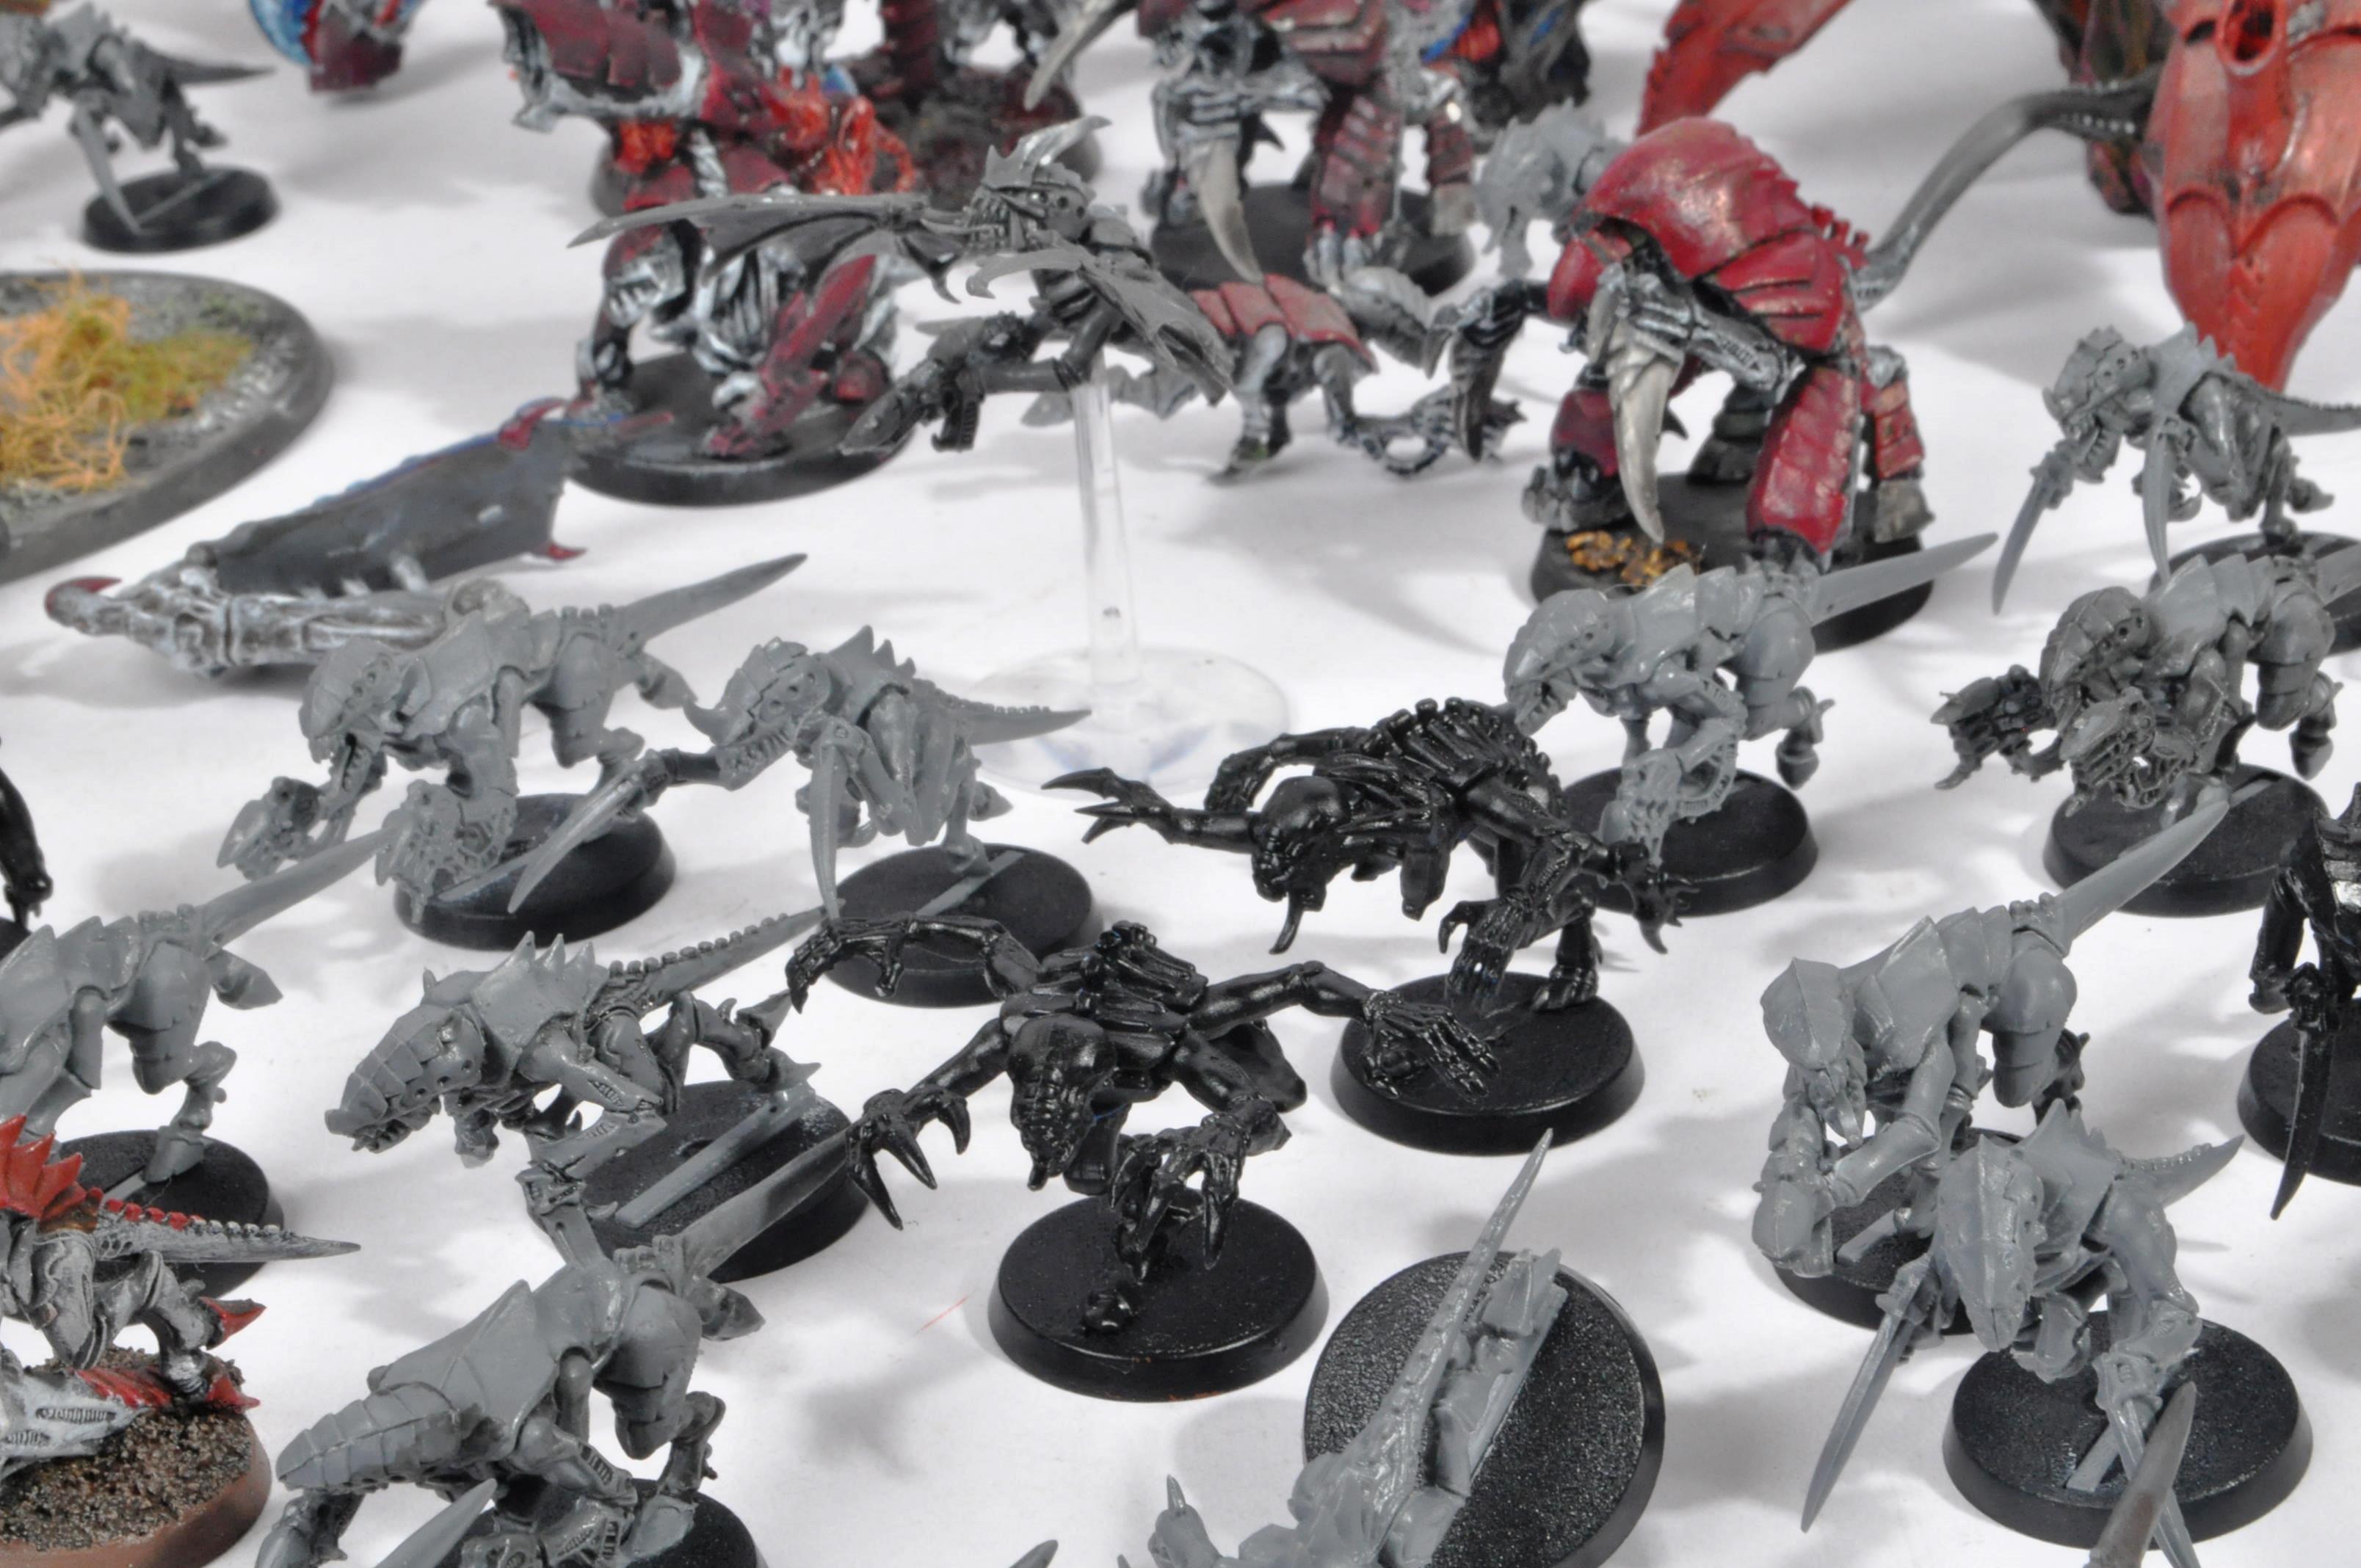 LARGE WARHAMMER 40K TYRANID ARMY - Image 9 of 12